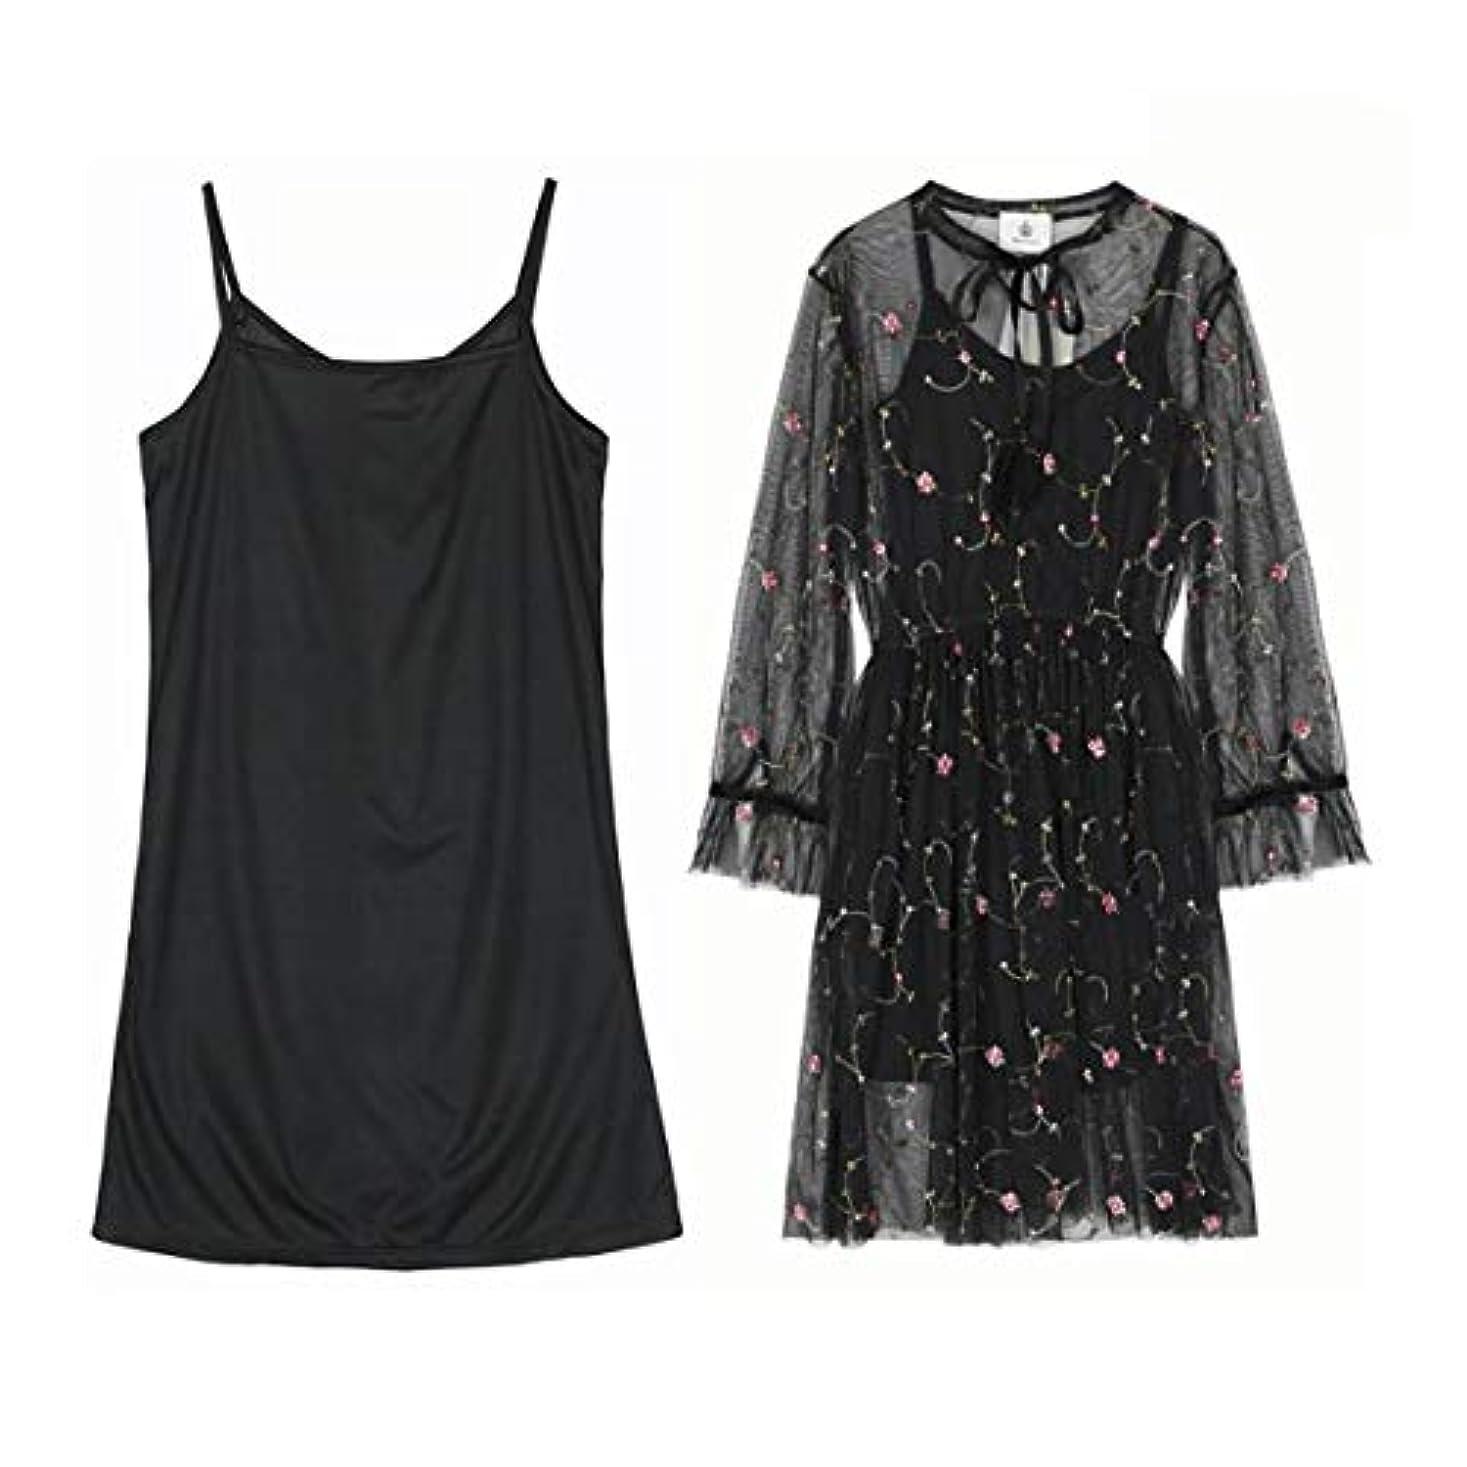 ブレーキ拘束限界Blackfell 女性ドレスツーピースドレス女性スリングスカート刺繍フラワーレースドレス